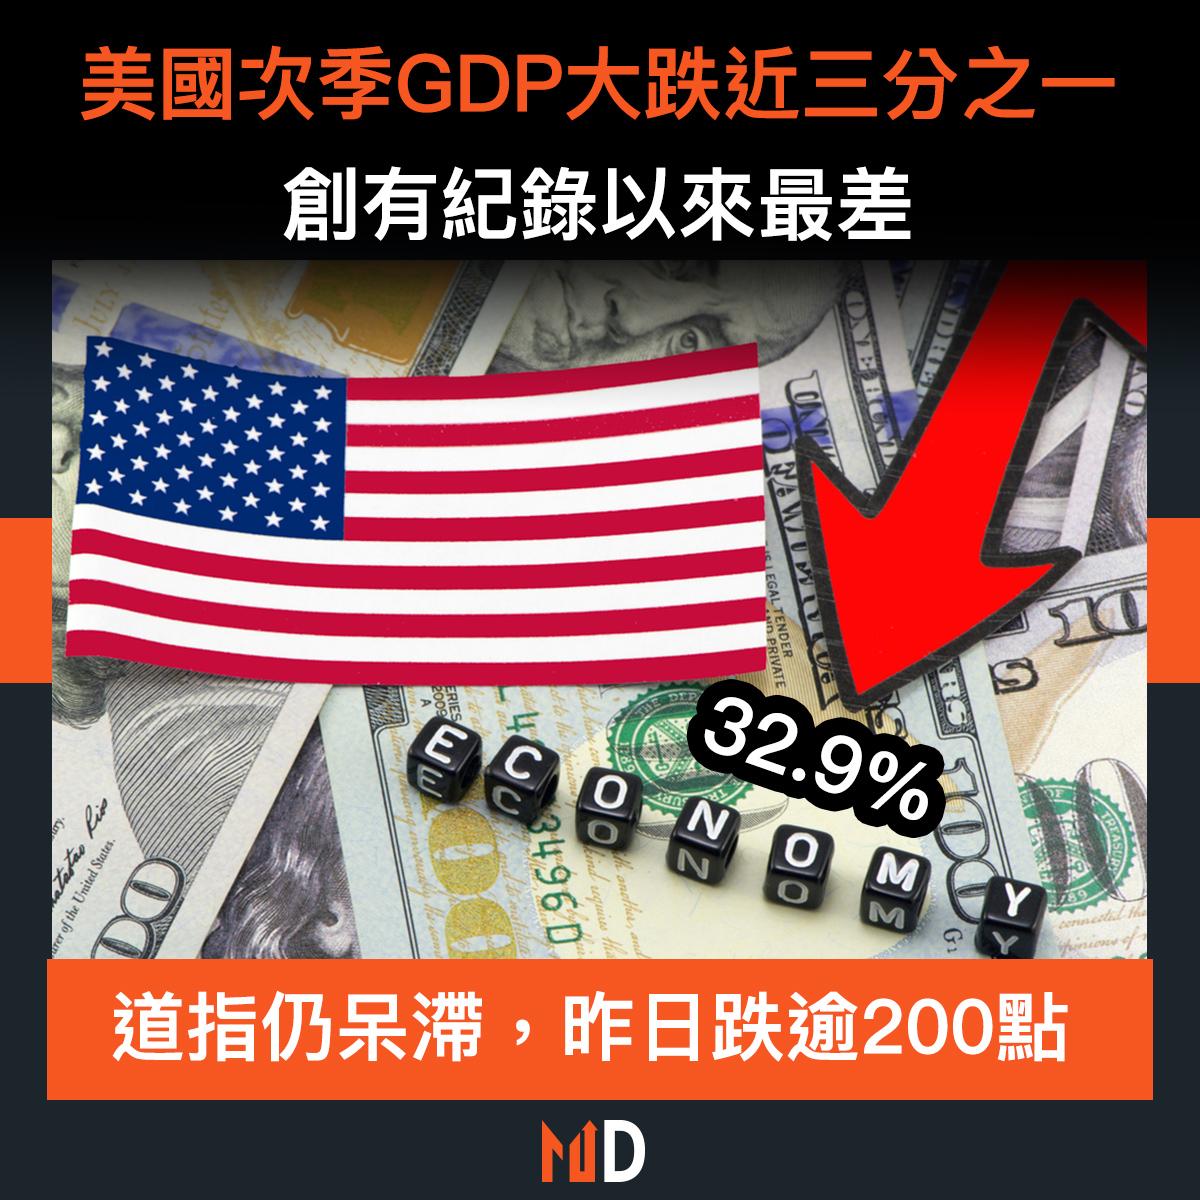 【市場熱話】美國次季GDP大跌近三分之一,創有紀錄以來最差